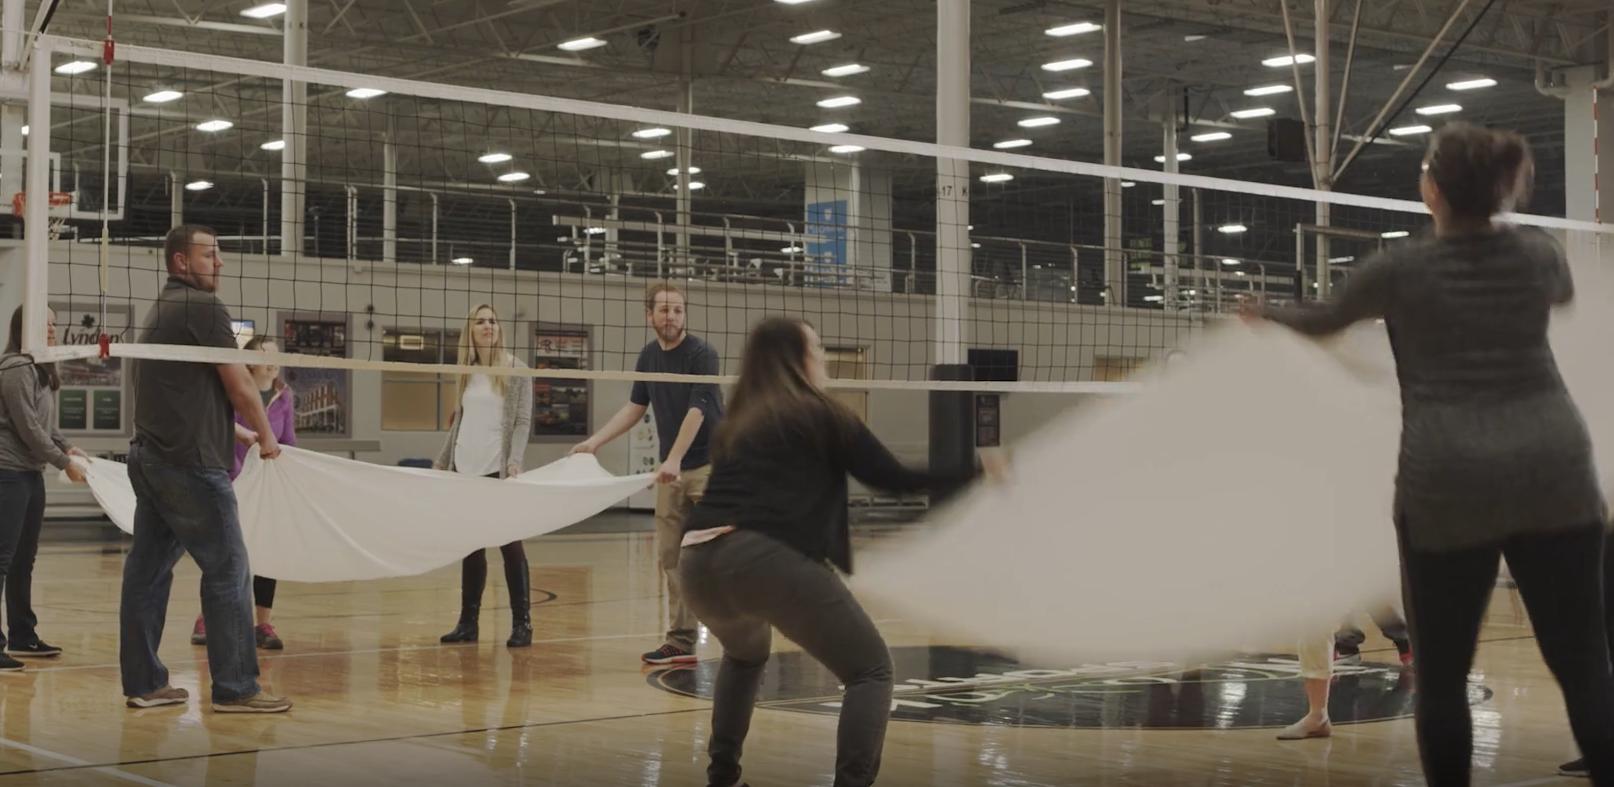 Sheet Volleyball